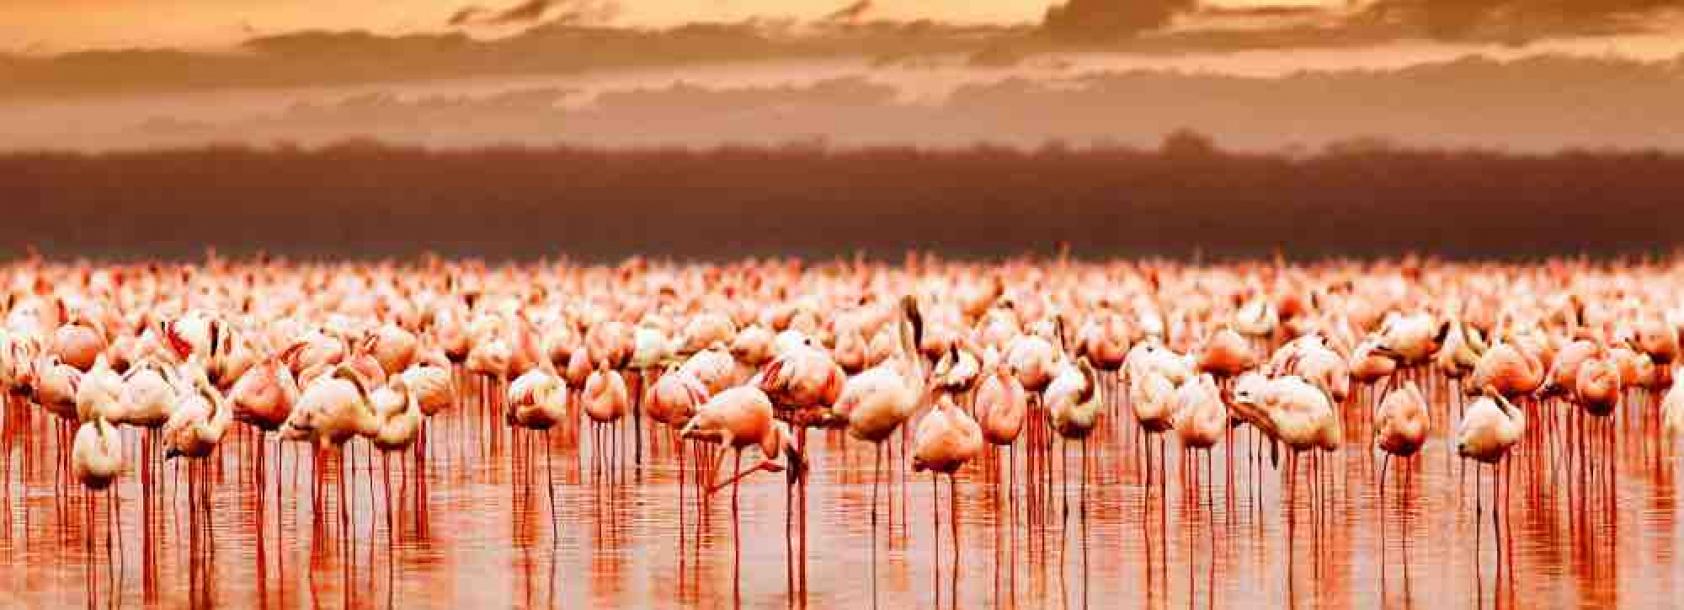 Kenya_Lake Nakuru